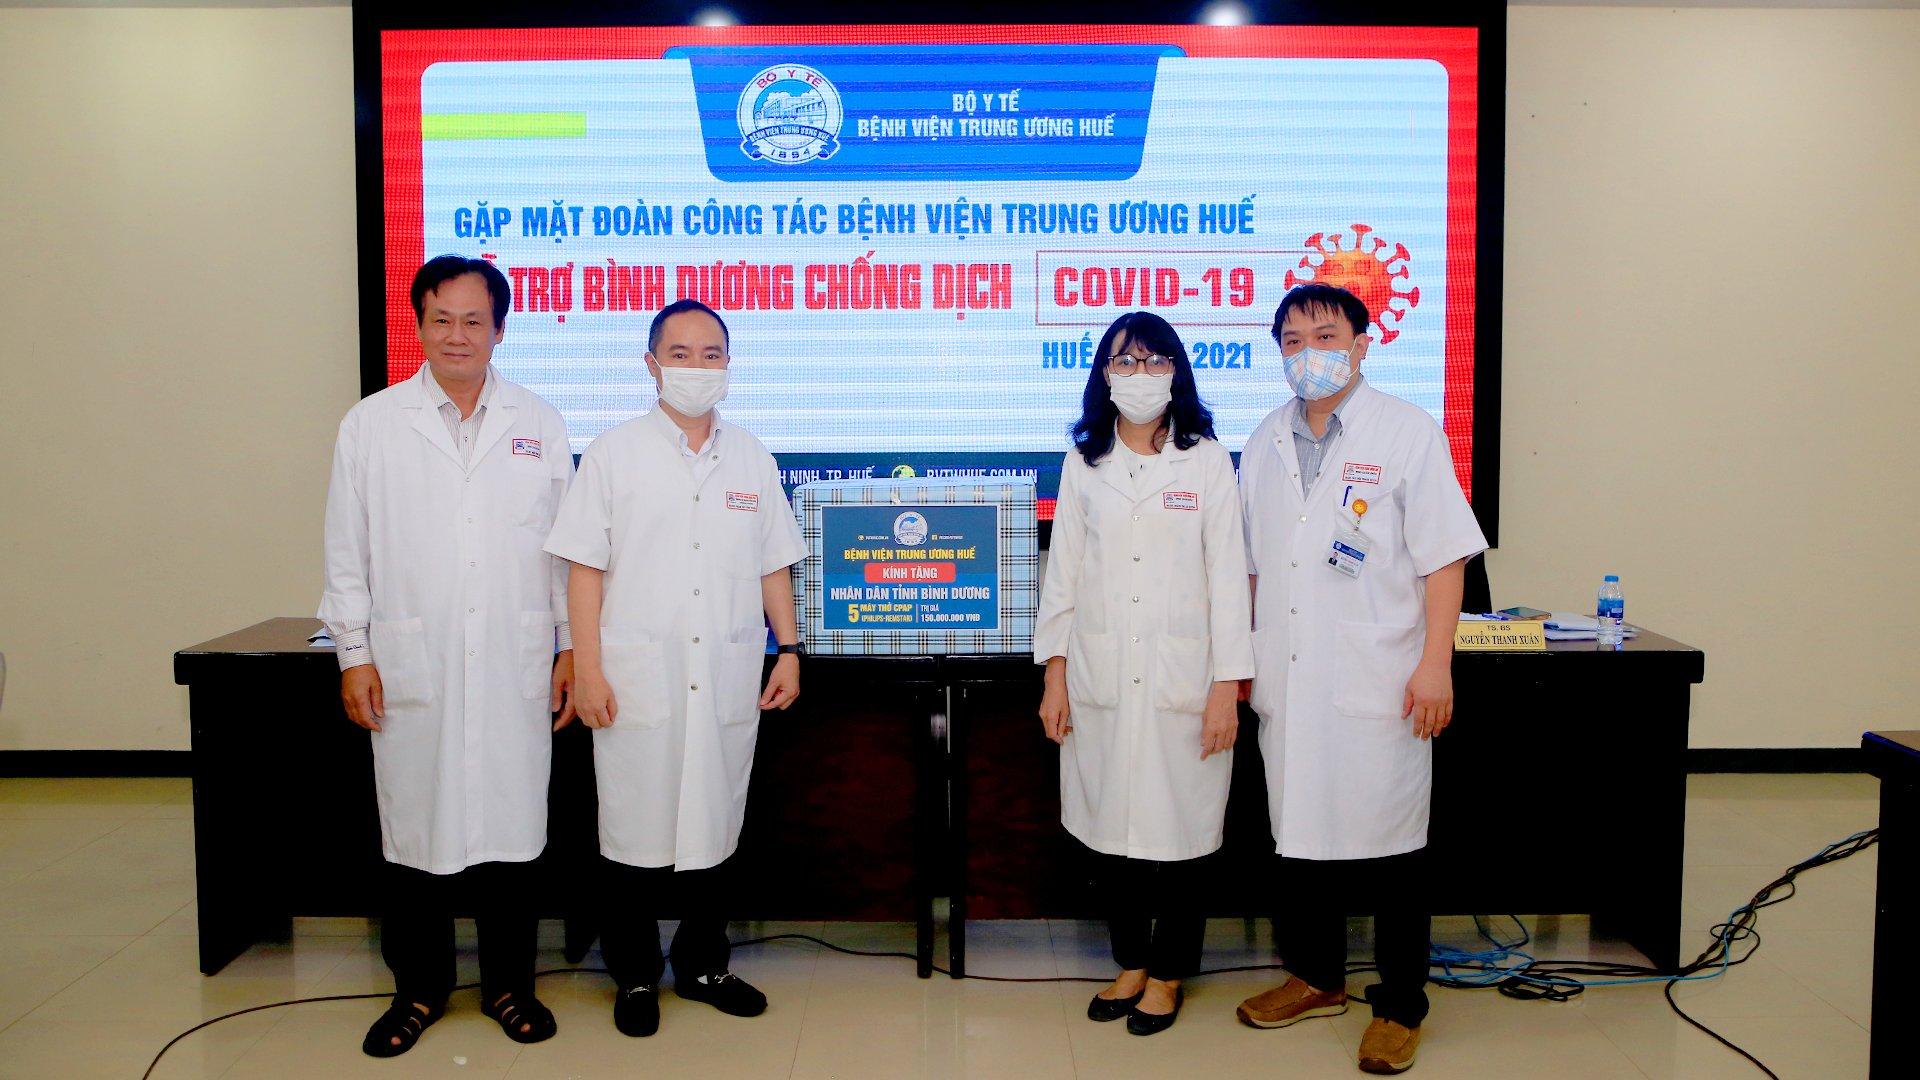 Dịp này, BV Trung ương Huế đã gửi tặng tỉnh Bình Dương 5 máy thở để hỗ trợ điều trị bệnh nhân COVID-19, với với trị giá 150 triệu đồng